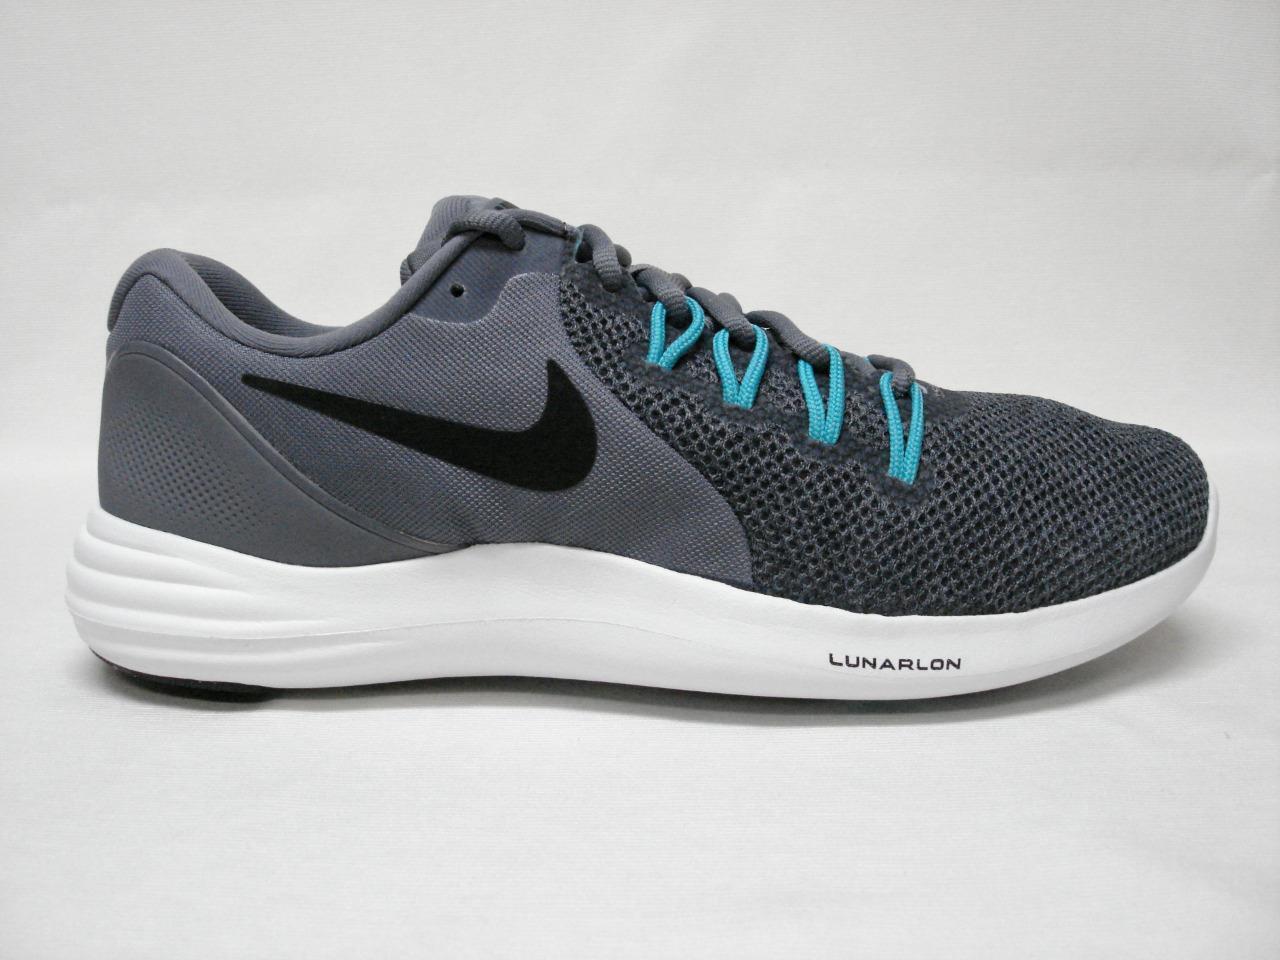 Pennino nike lunar apparente delle scarpe maschili è grigio / nero - fantastico cercando una scarpa